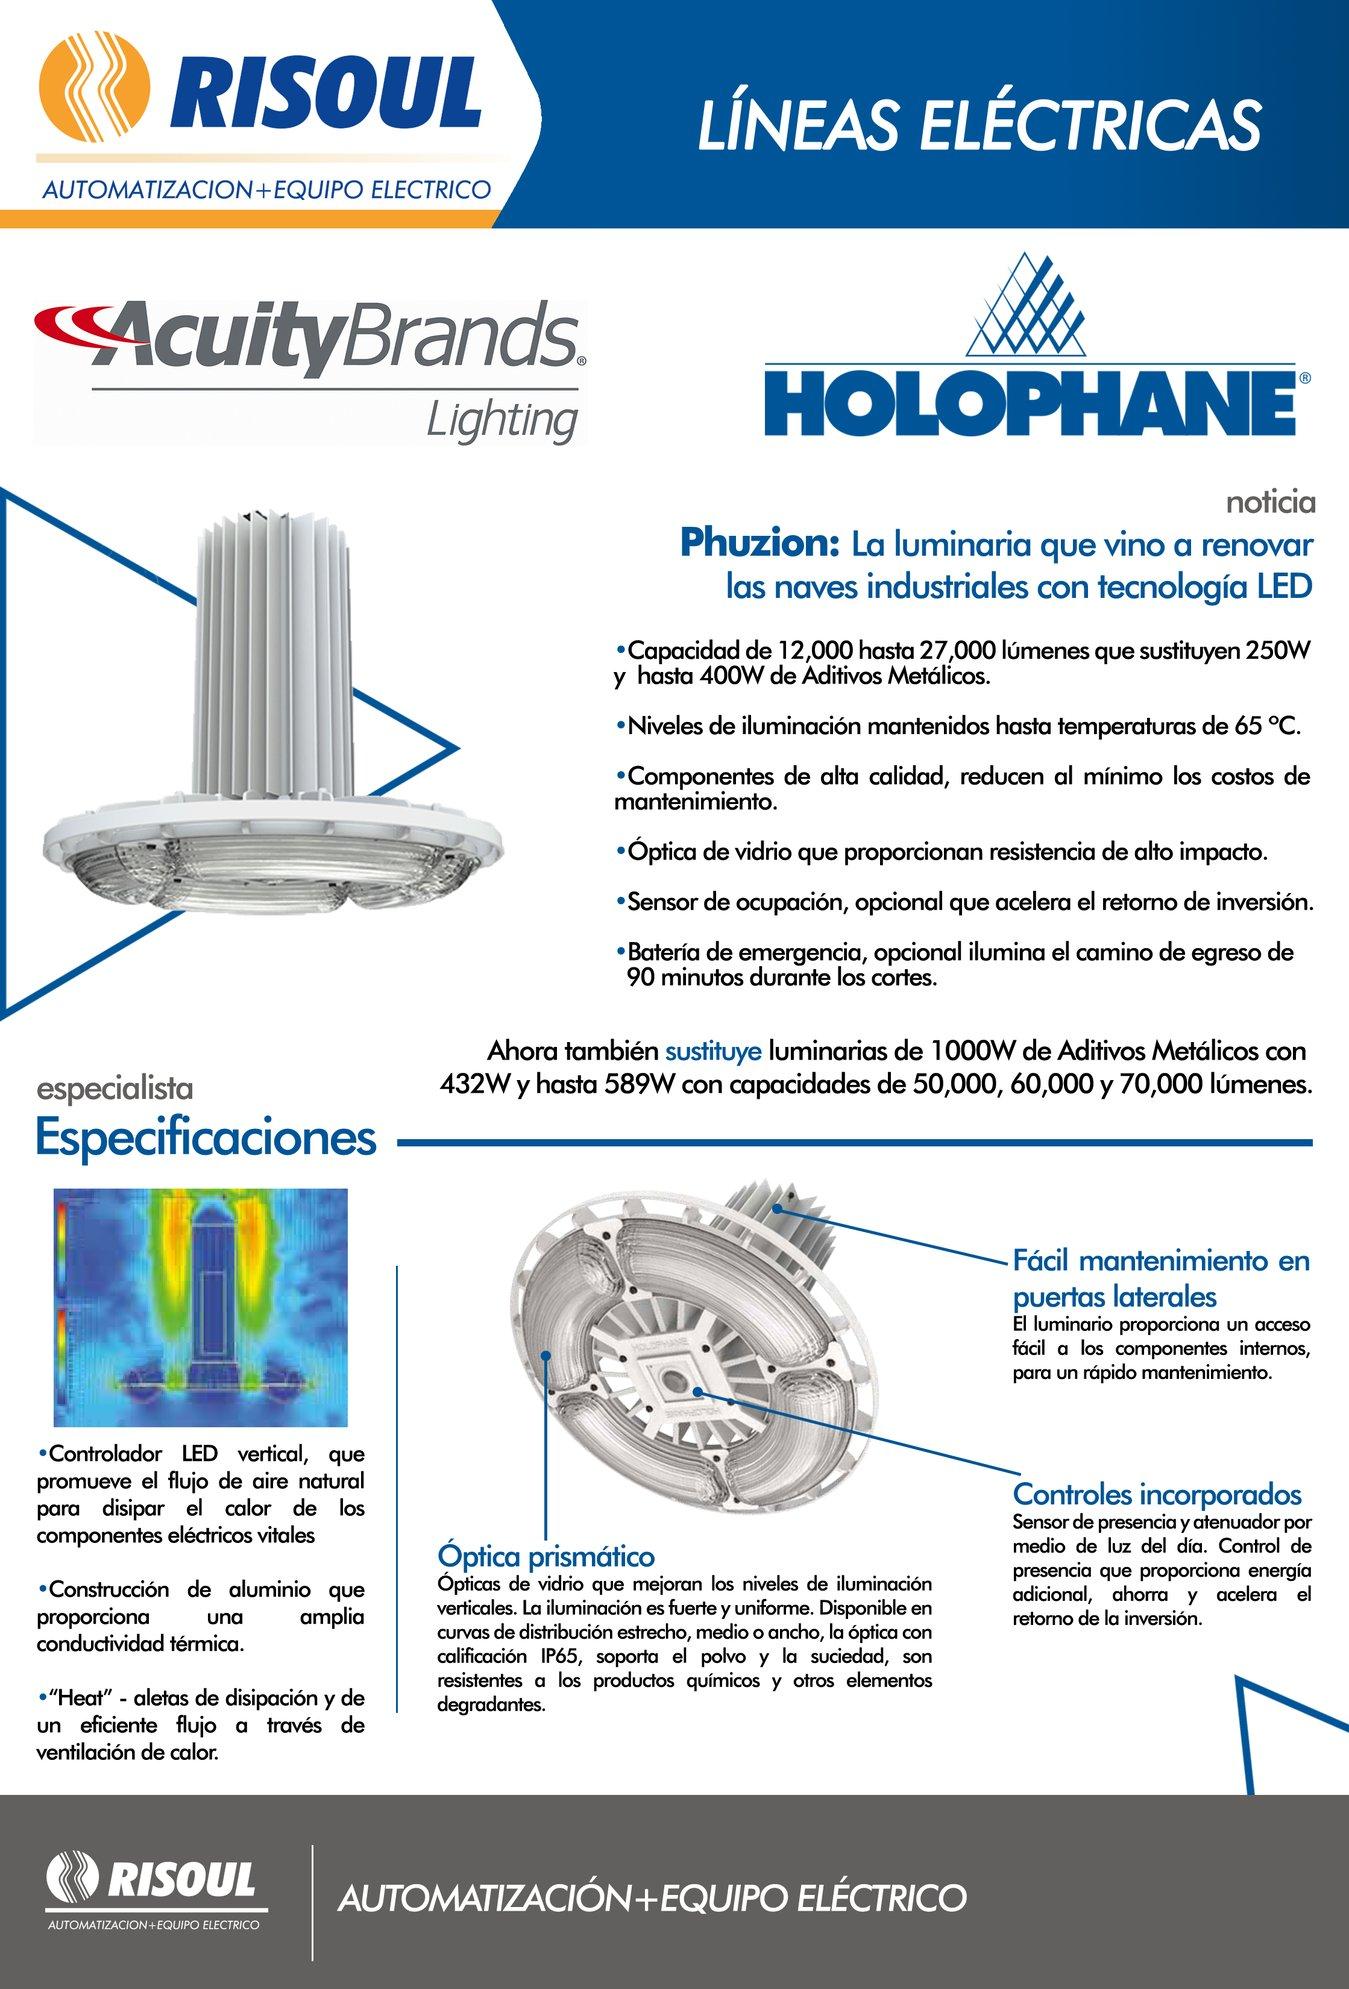 Características de luminaria Phuzion de Holophane